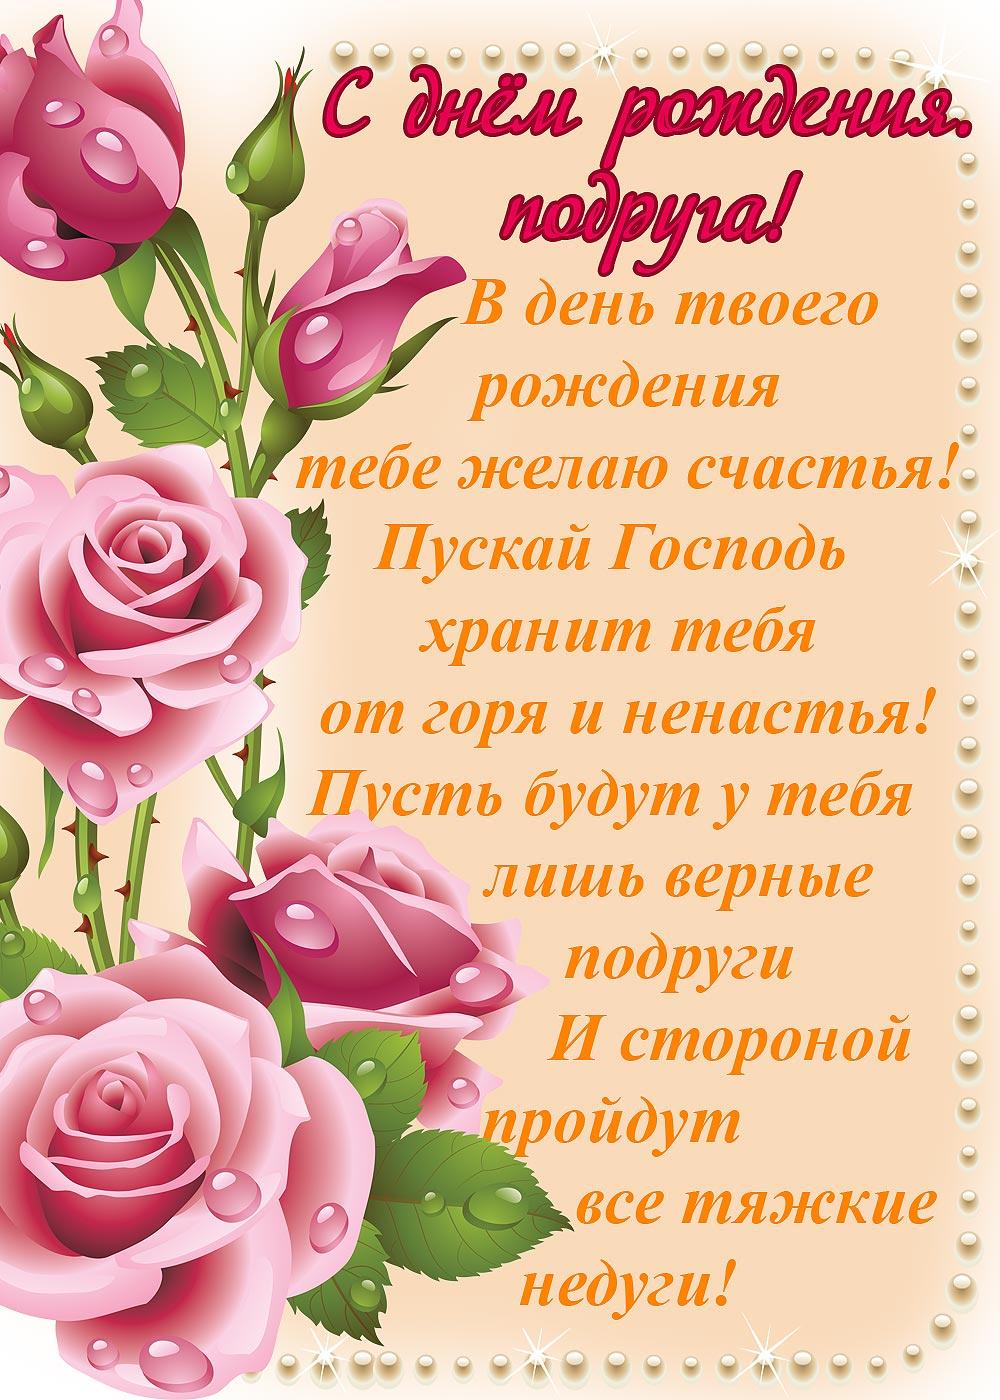 Открытка с днём рождения подруга,открытки на день рождения подруге Открытки,картинки с днём рождения подруга,поздравления в день рождения подруга,подружка,открытка открытки на день рождение подруге,любимой подруге скачать бесплатно